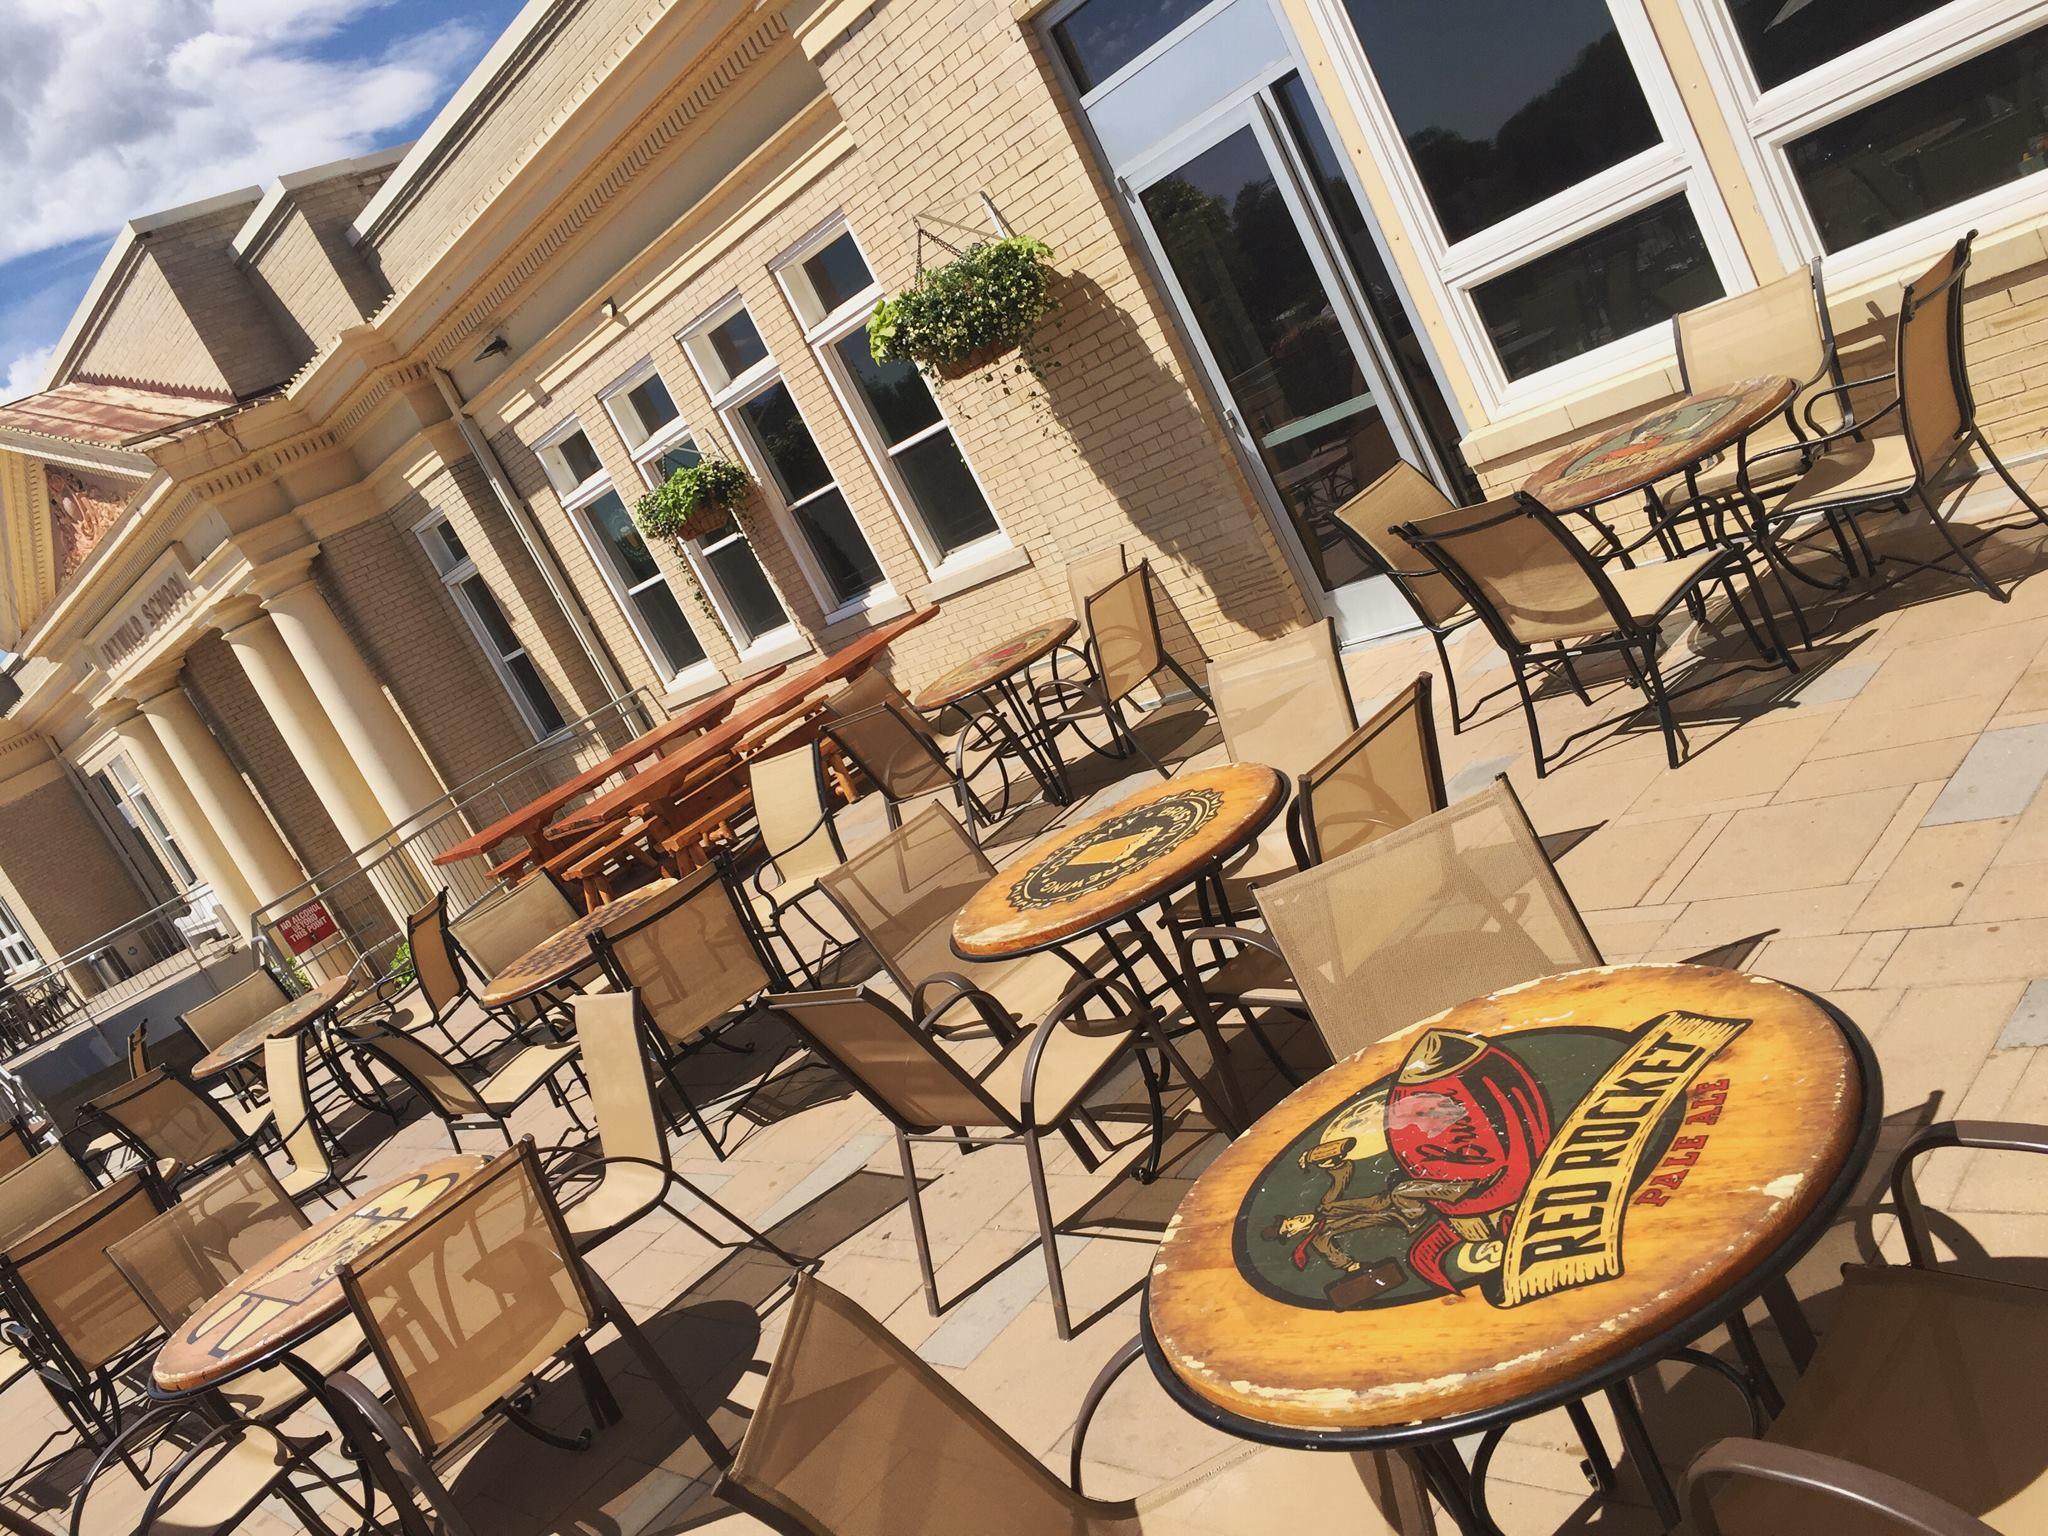 Patio area of Bristol Brewing at Ivywild School in Colorado Springs